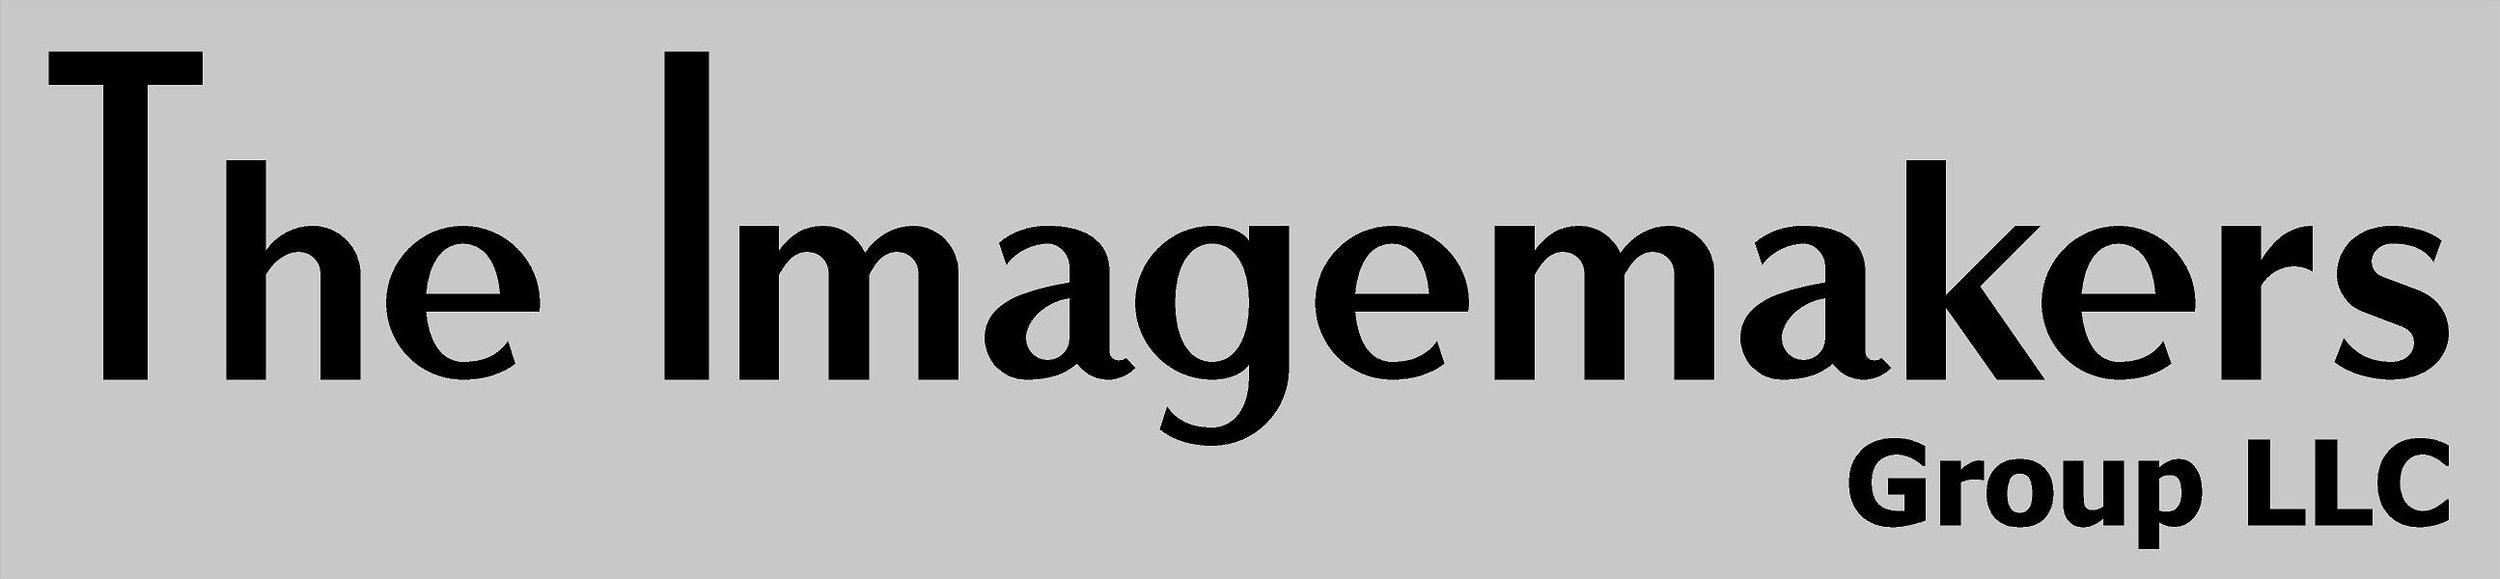 Imagemakers sponsorship logo 2018.jpg